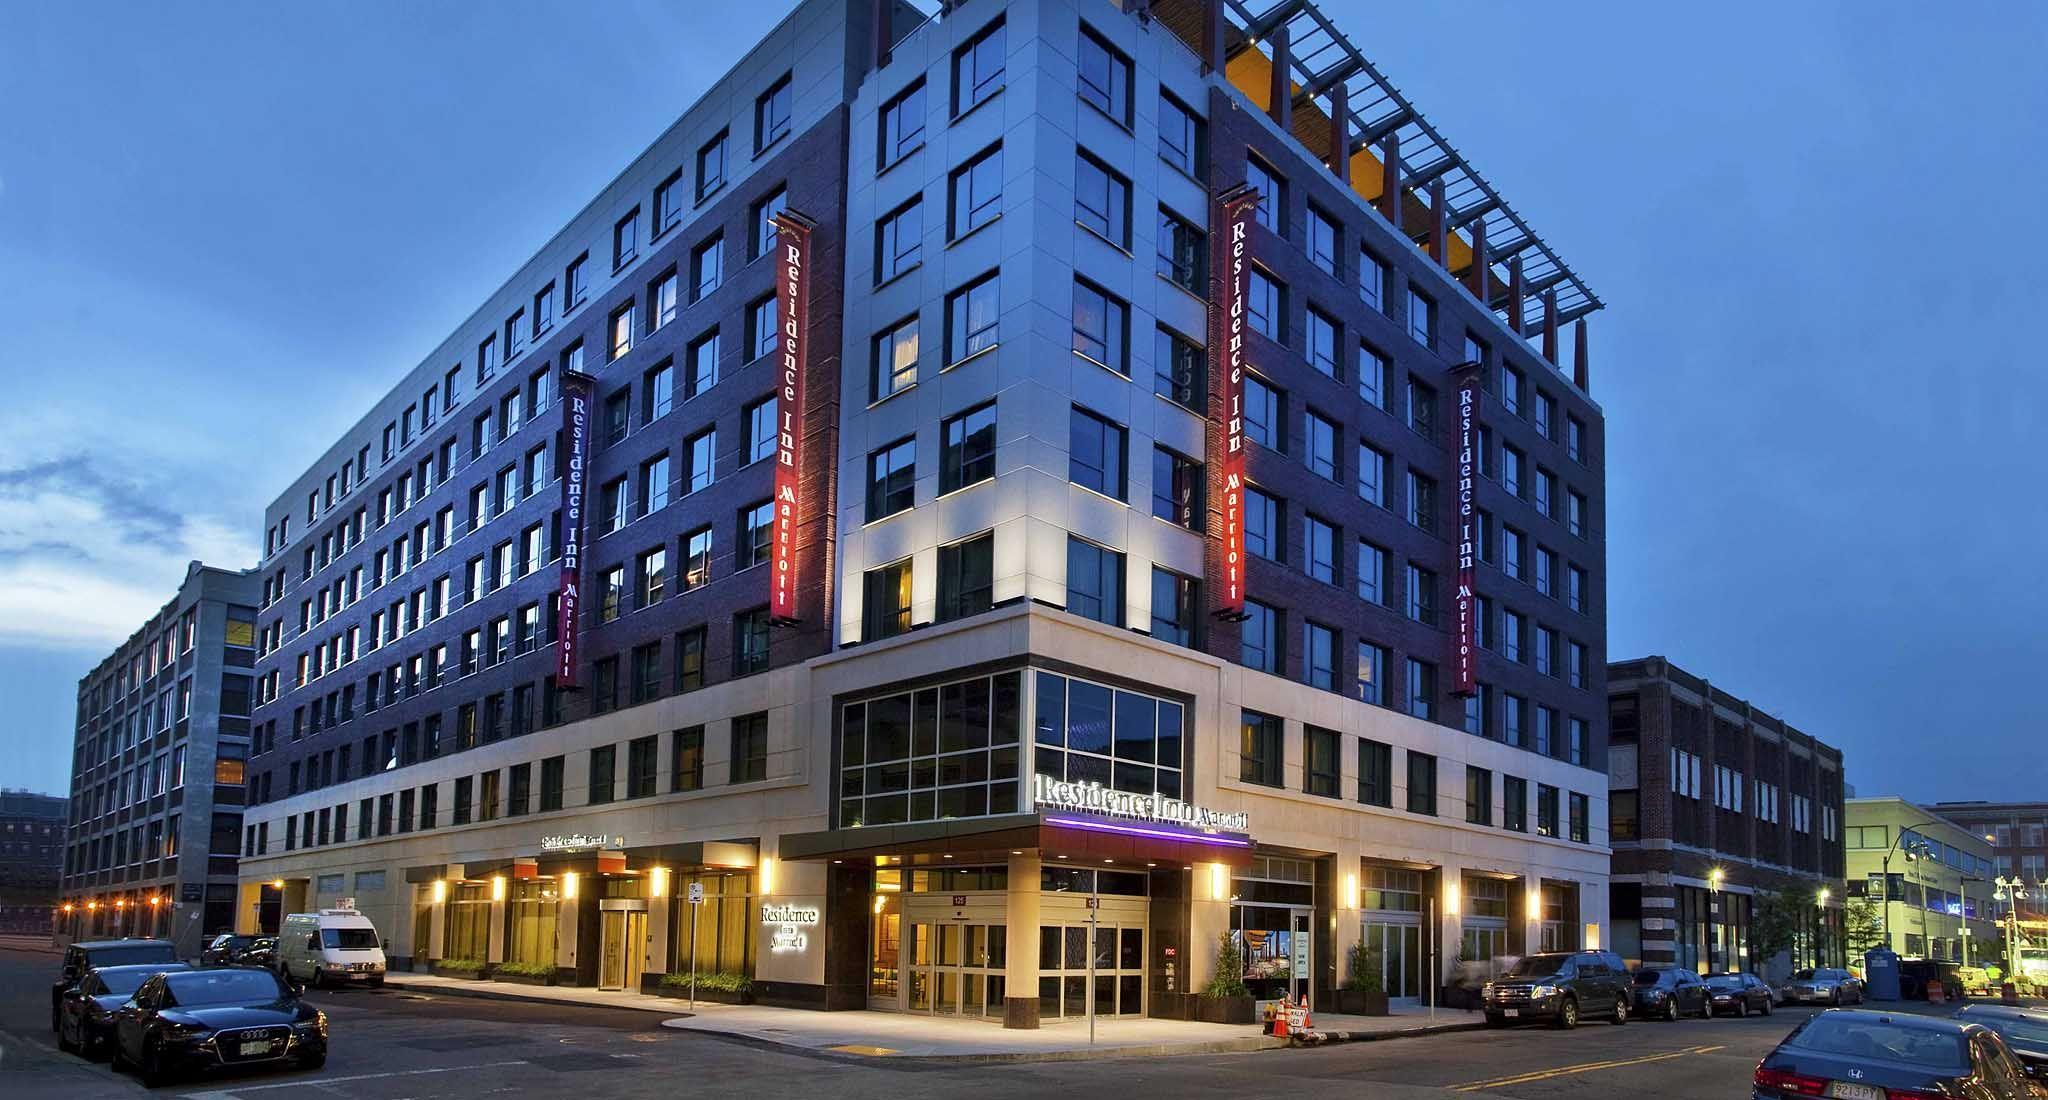 Residence Inn Boston Back Bay Fenway Boston Massachusetts Usa